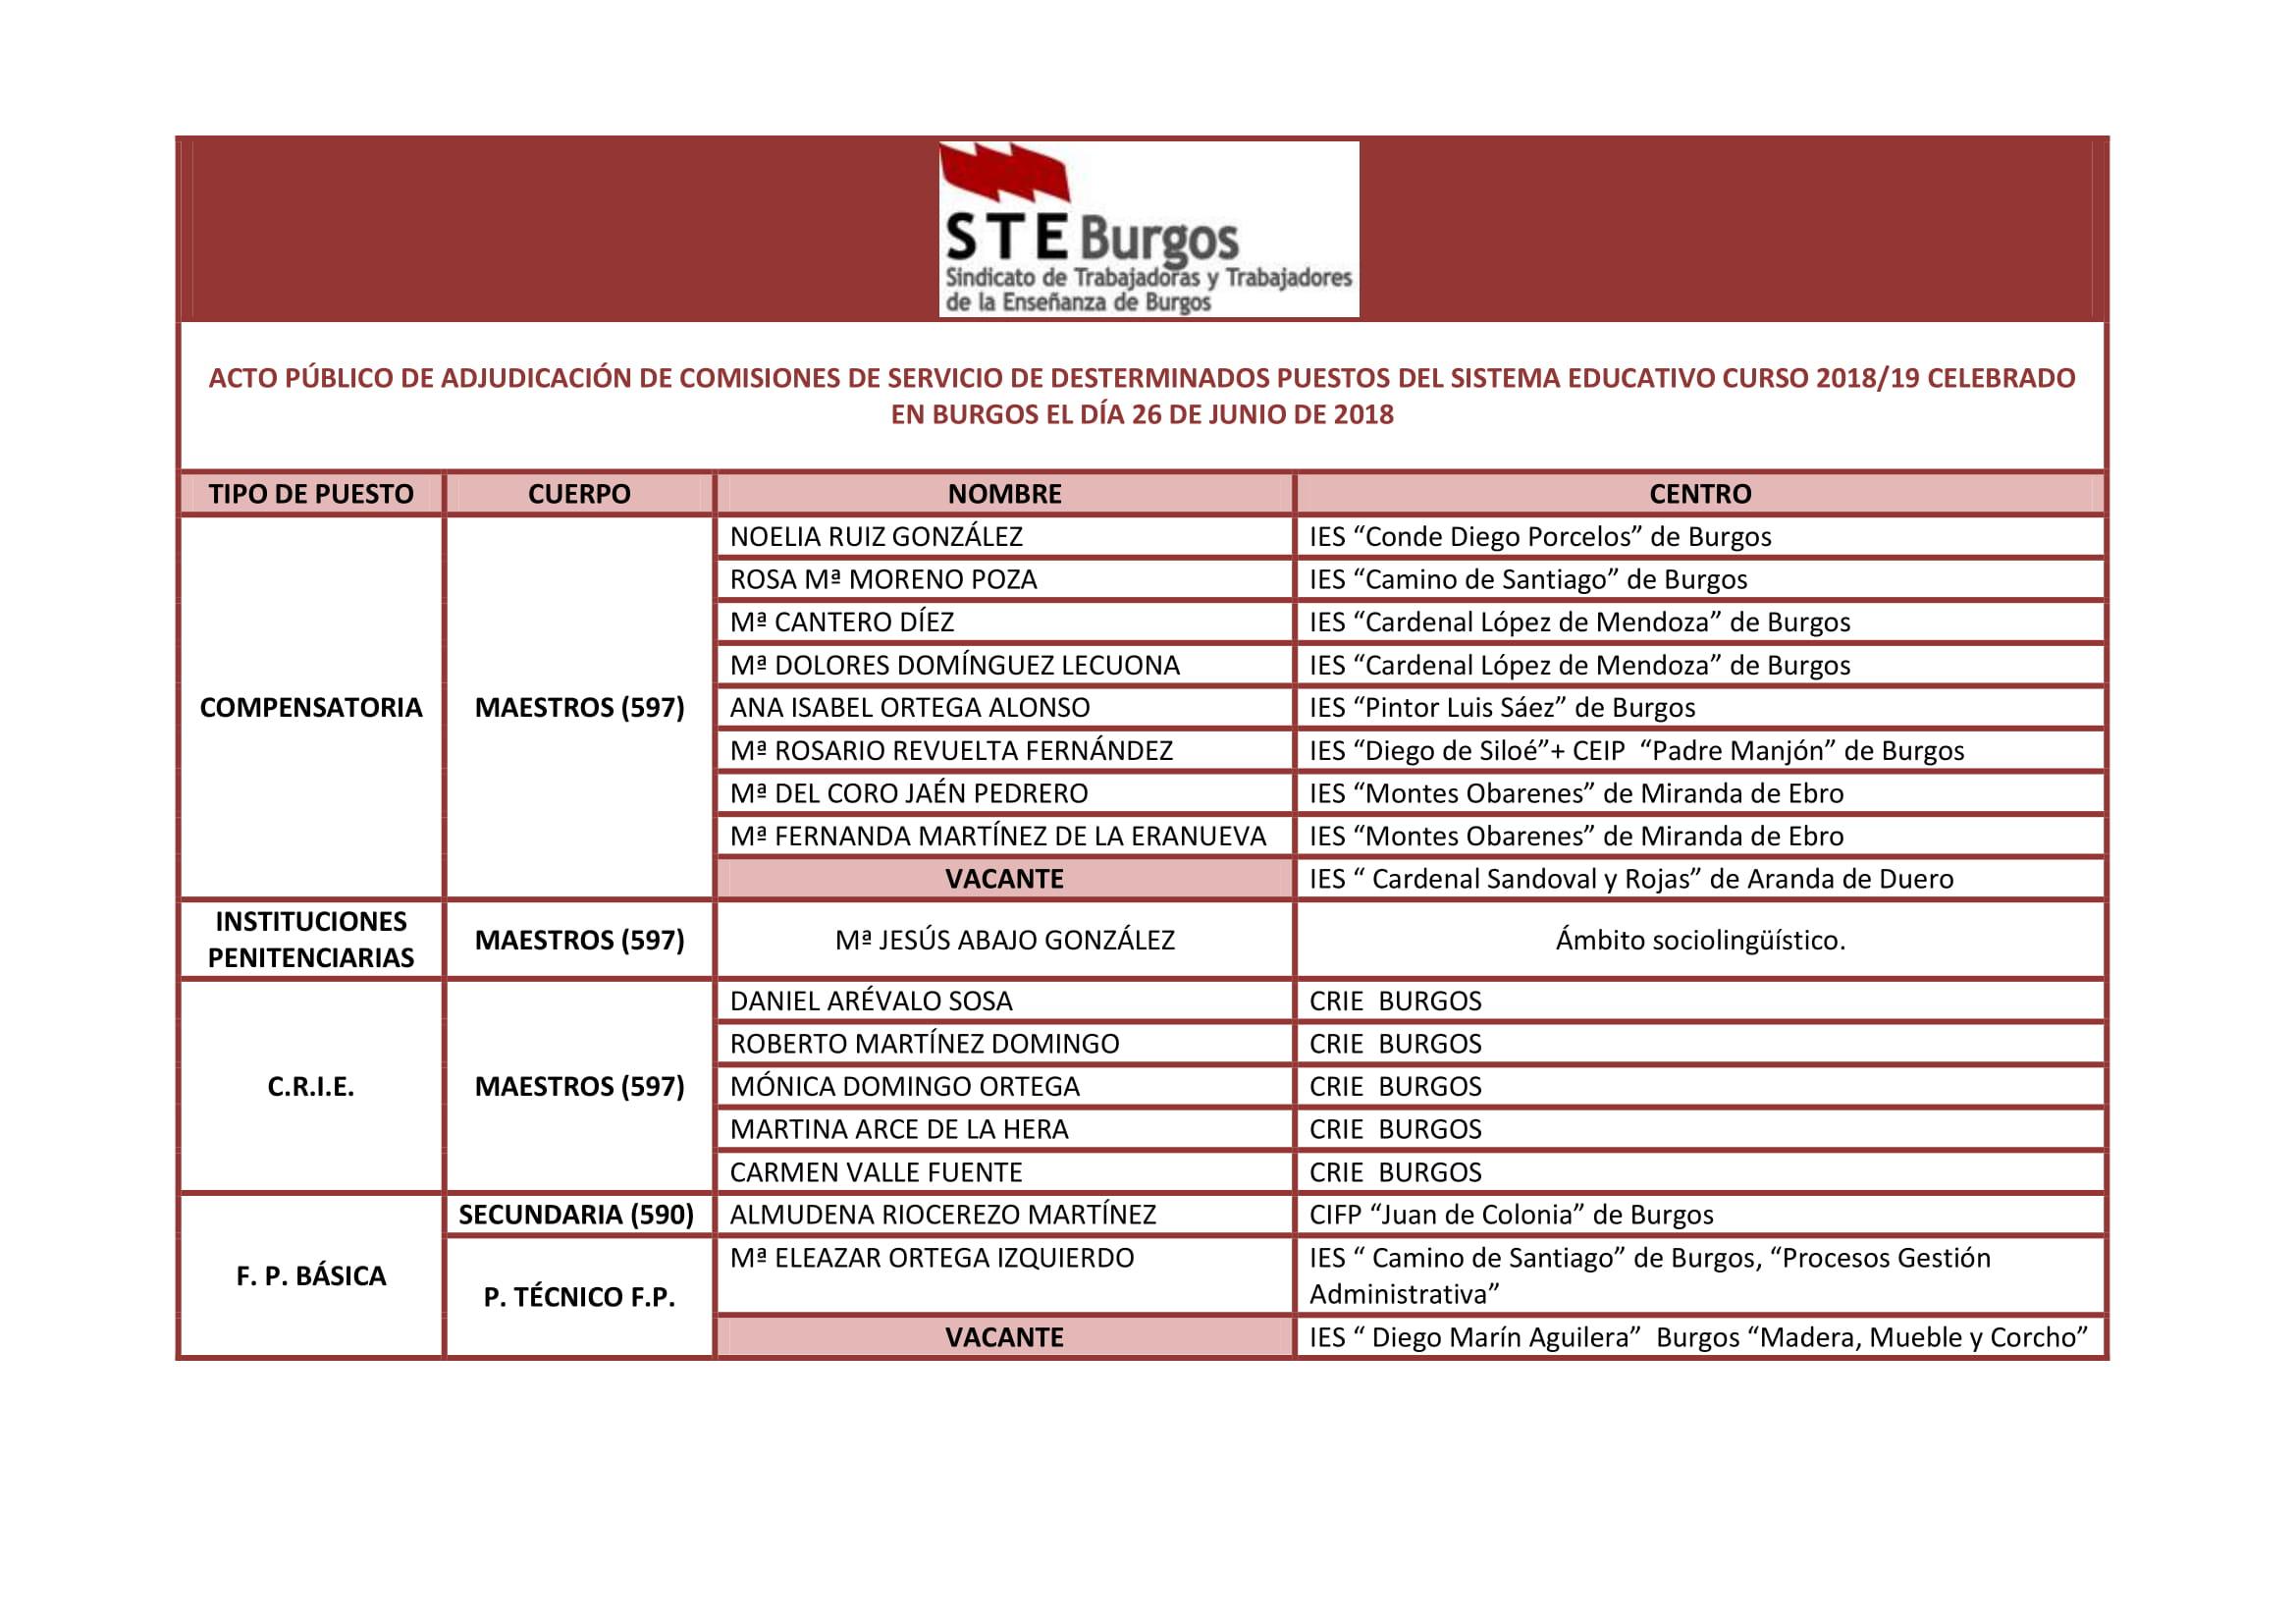 ACTO PÚBLICO DE ADJUDICACIÓN DE COMISIONES DE SERVICIO DE DESTERMINADOS PUESTOS DEL SISTEMA EDUCATIVO CURSO 2018-1